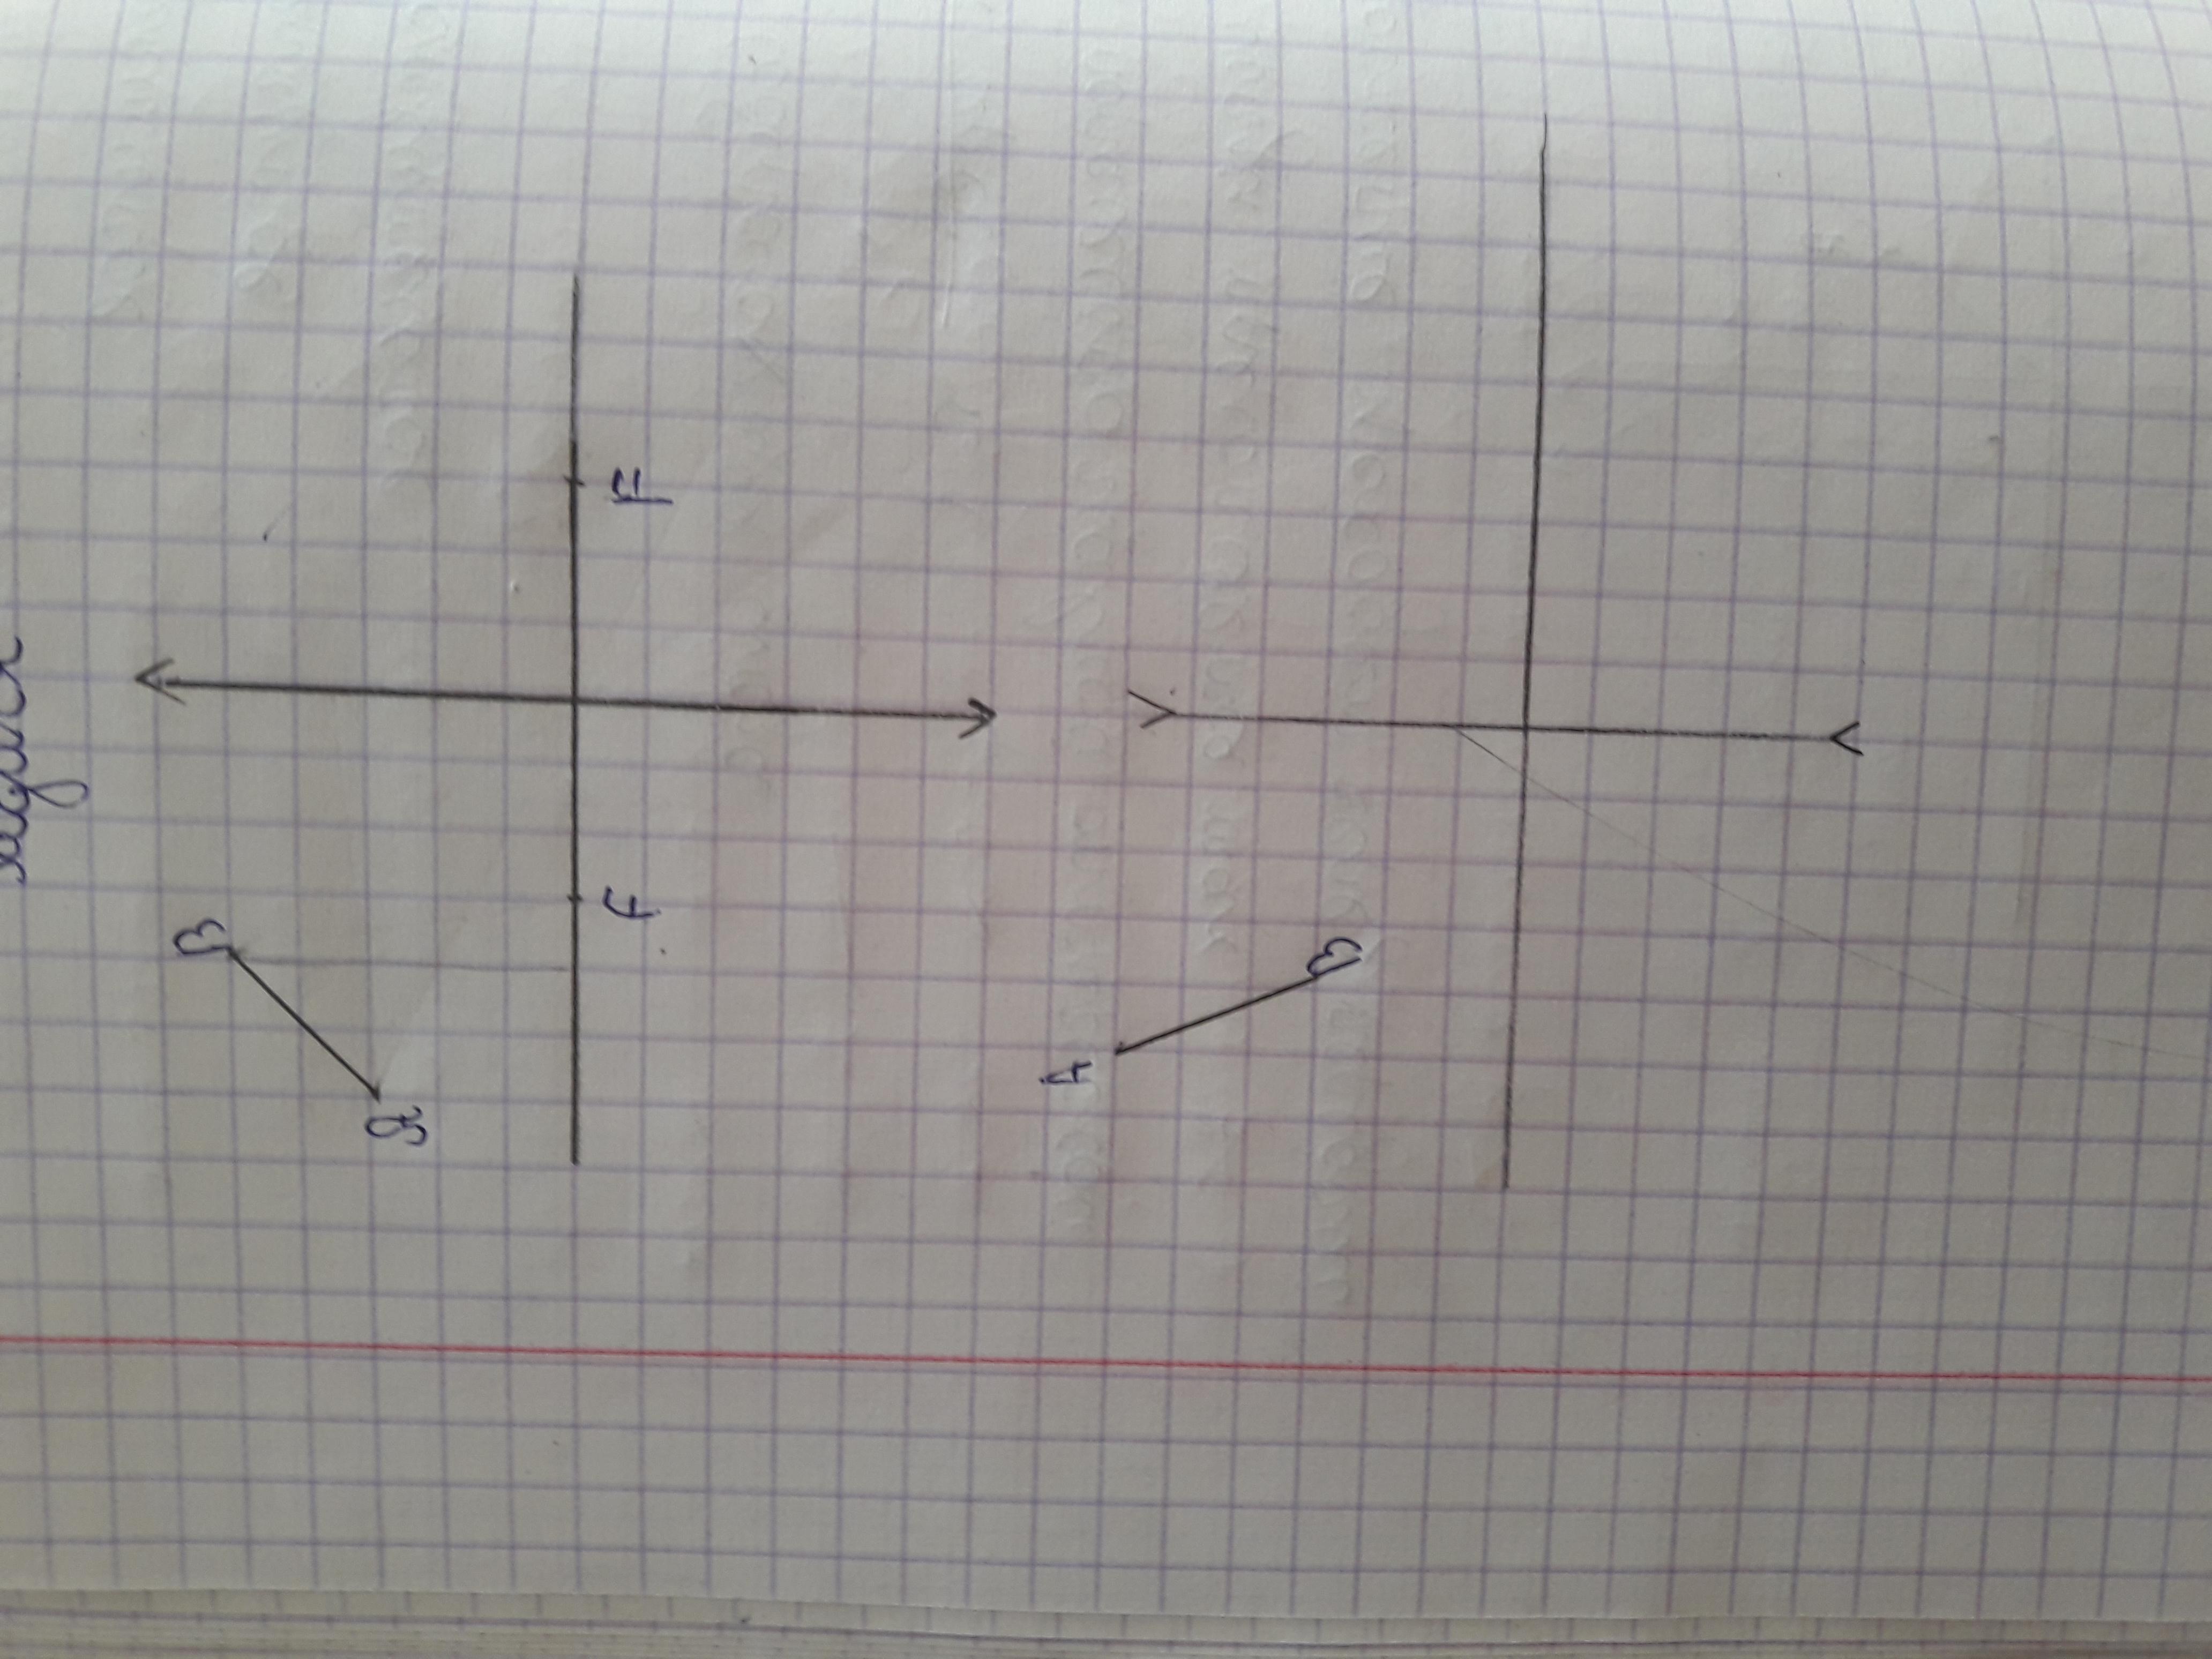 Как решить задачу по теме линзы сайт решение задач по физик